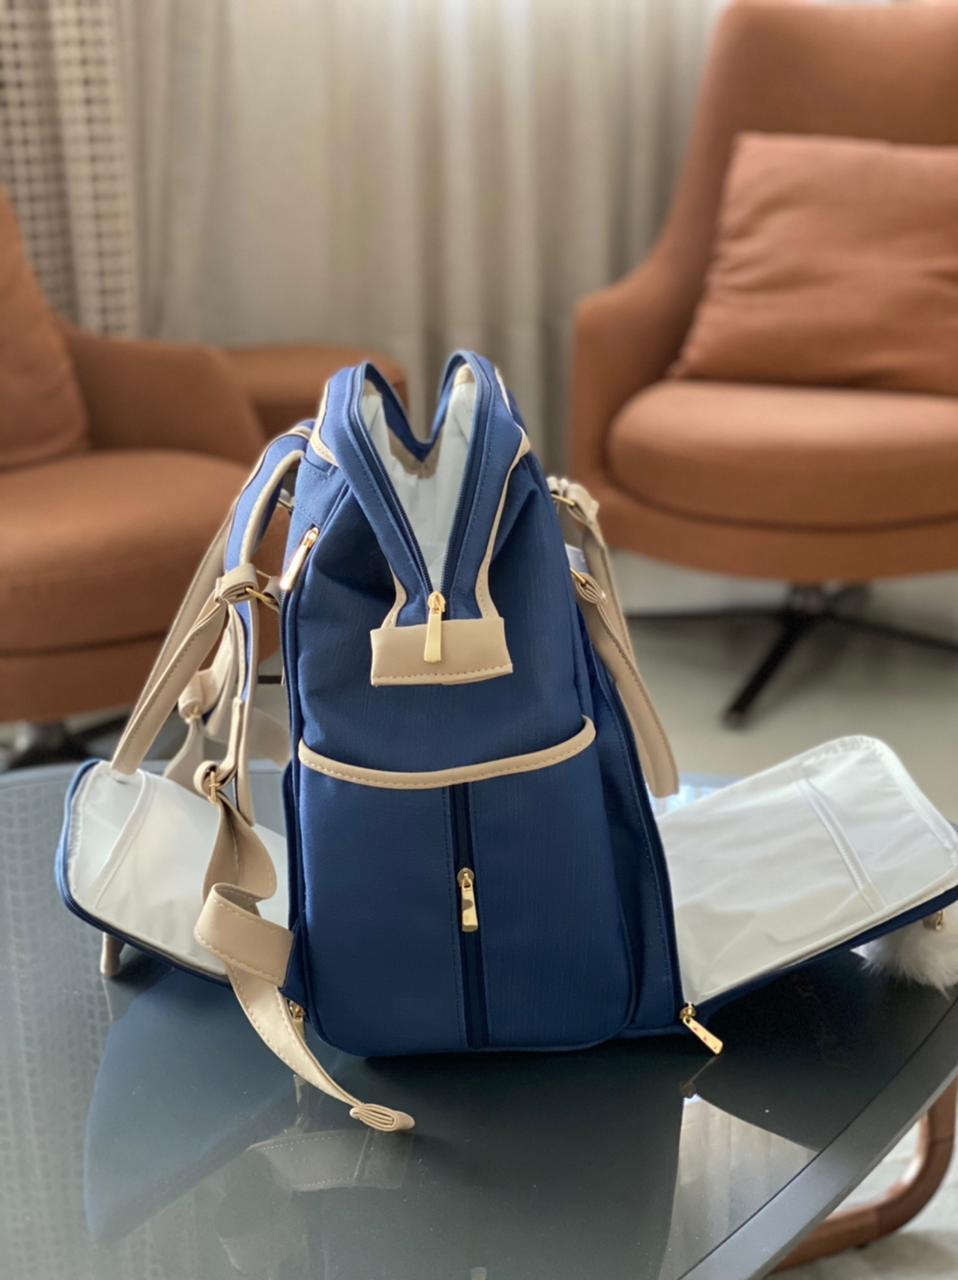 Mochila Funcional -  Linho Azul Marinho Layla